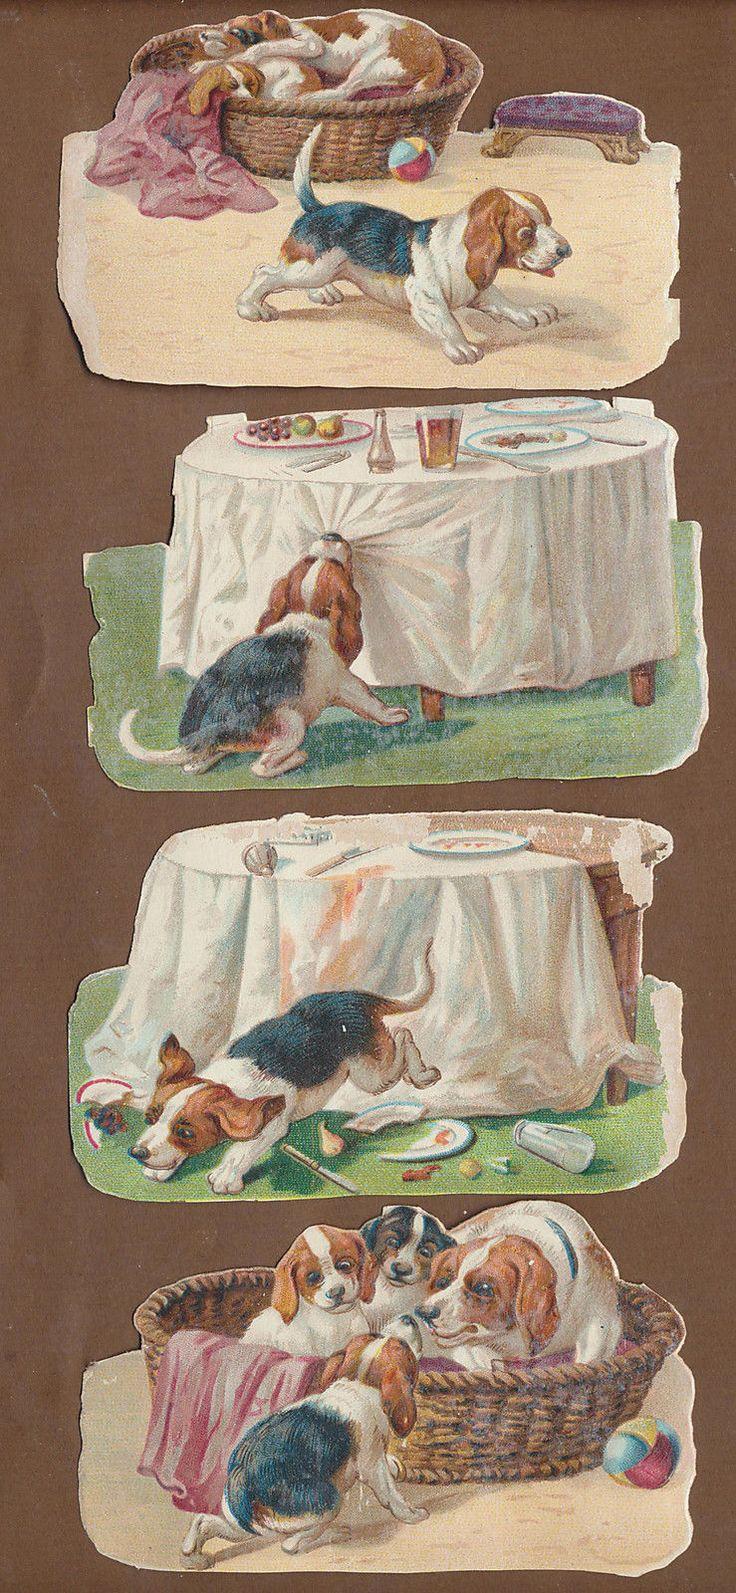 S10410 Victorian Die Cut Scraps: 4 Puppy Scenes   eBay